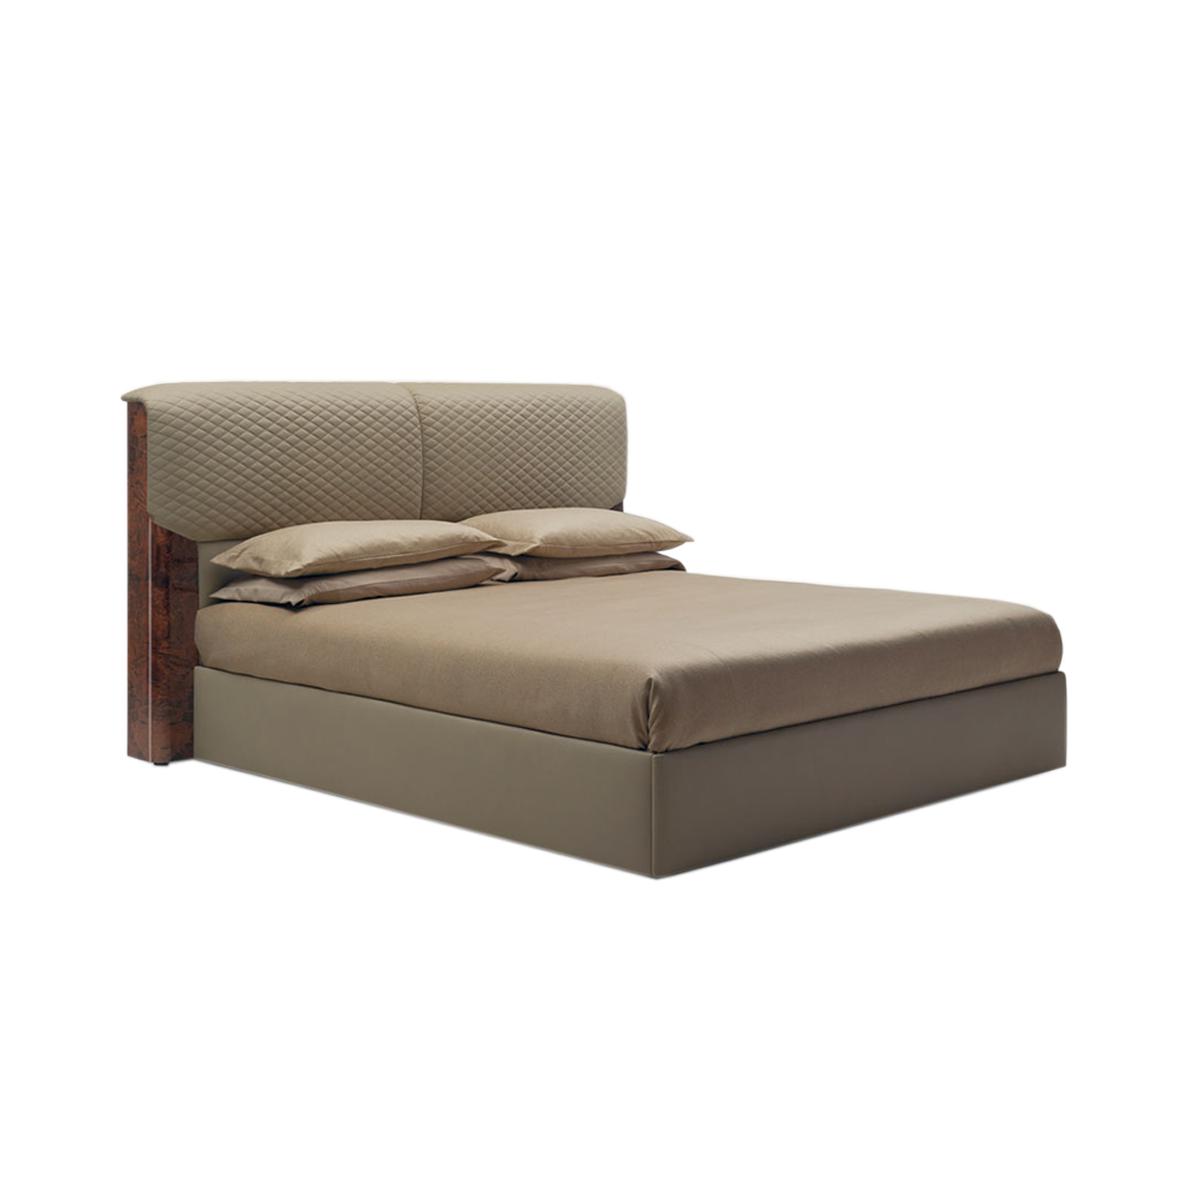 榉木实木脚架轻奢风格床